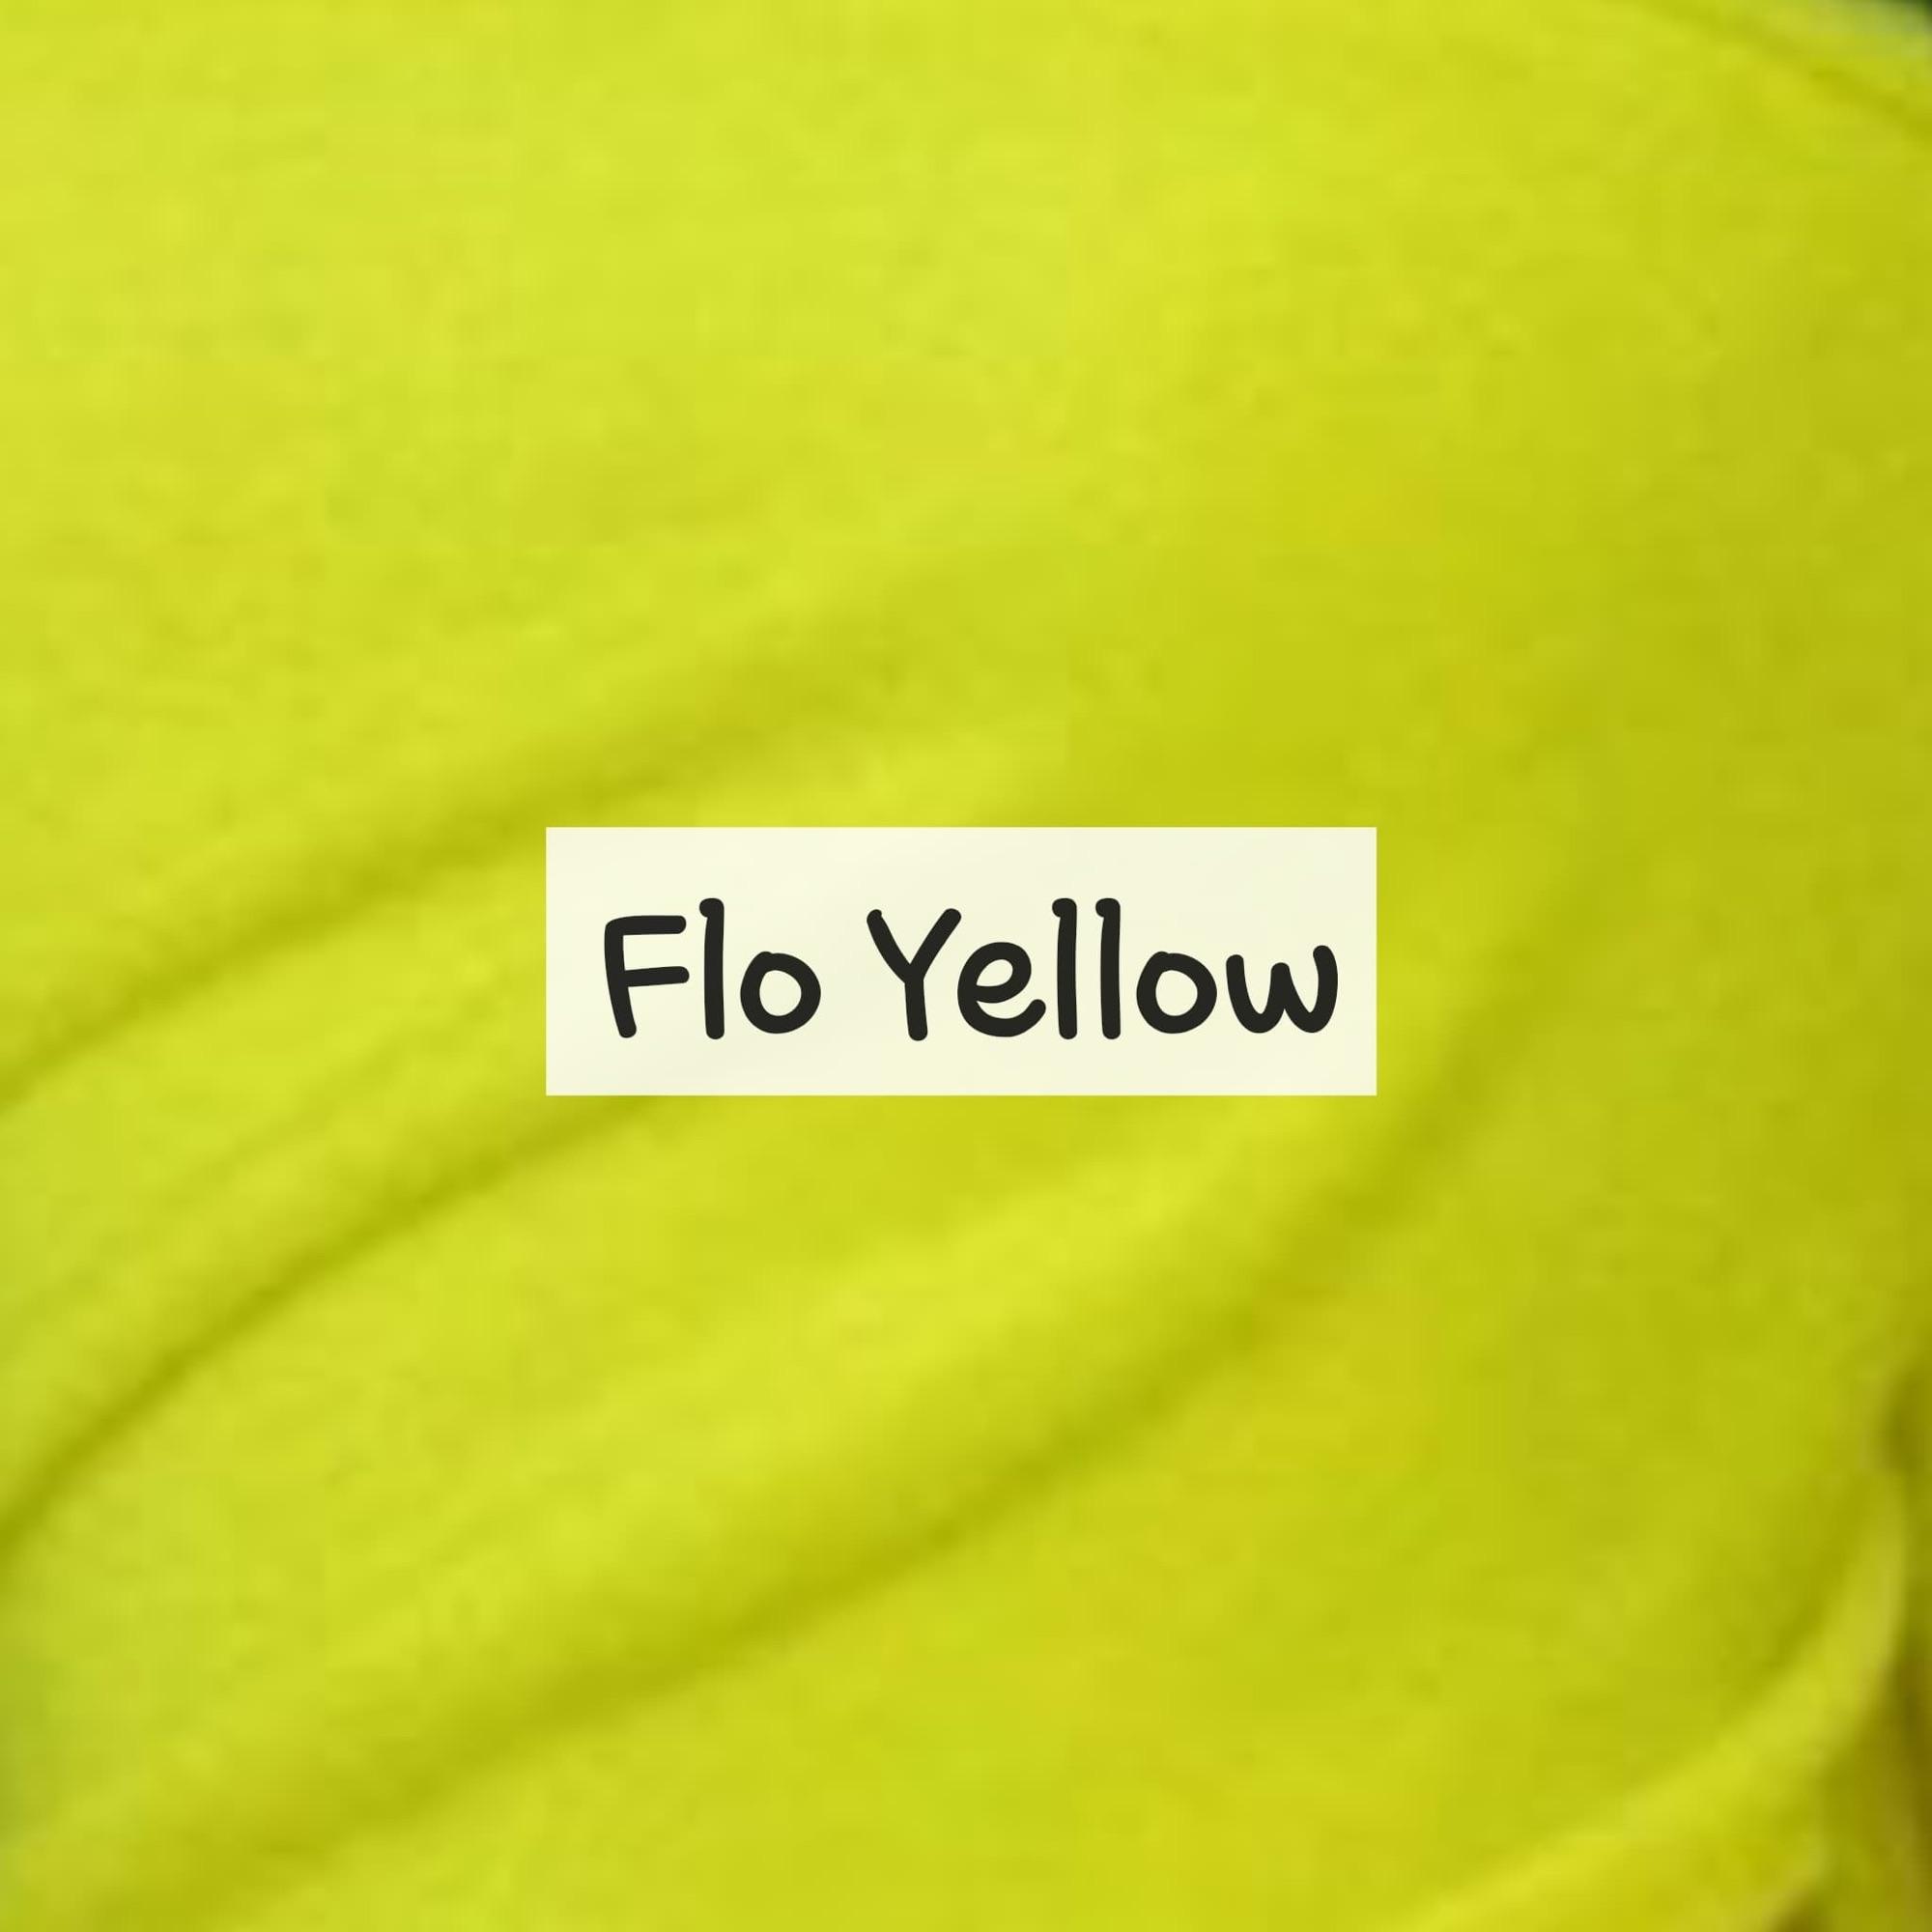 Flo Yellow Fleece